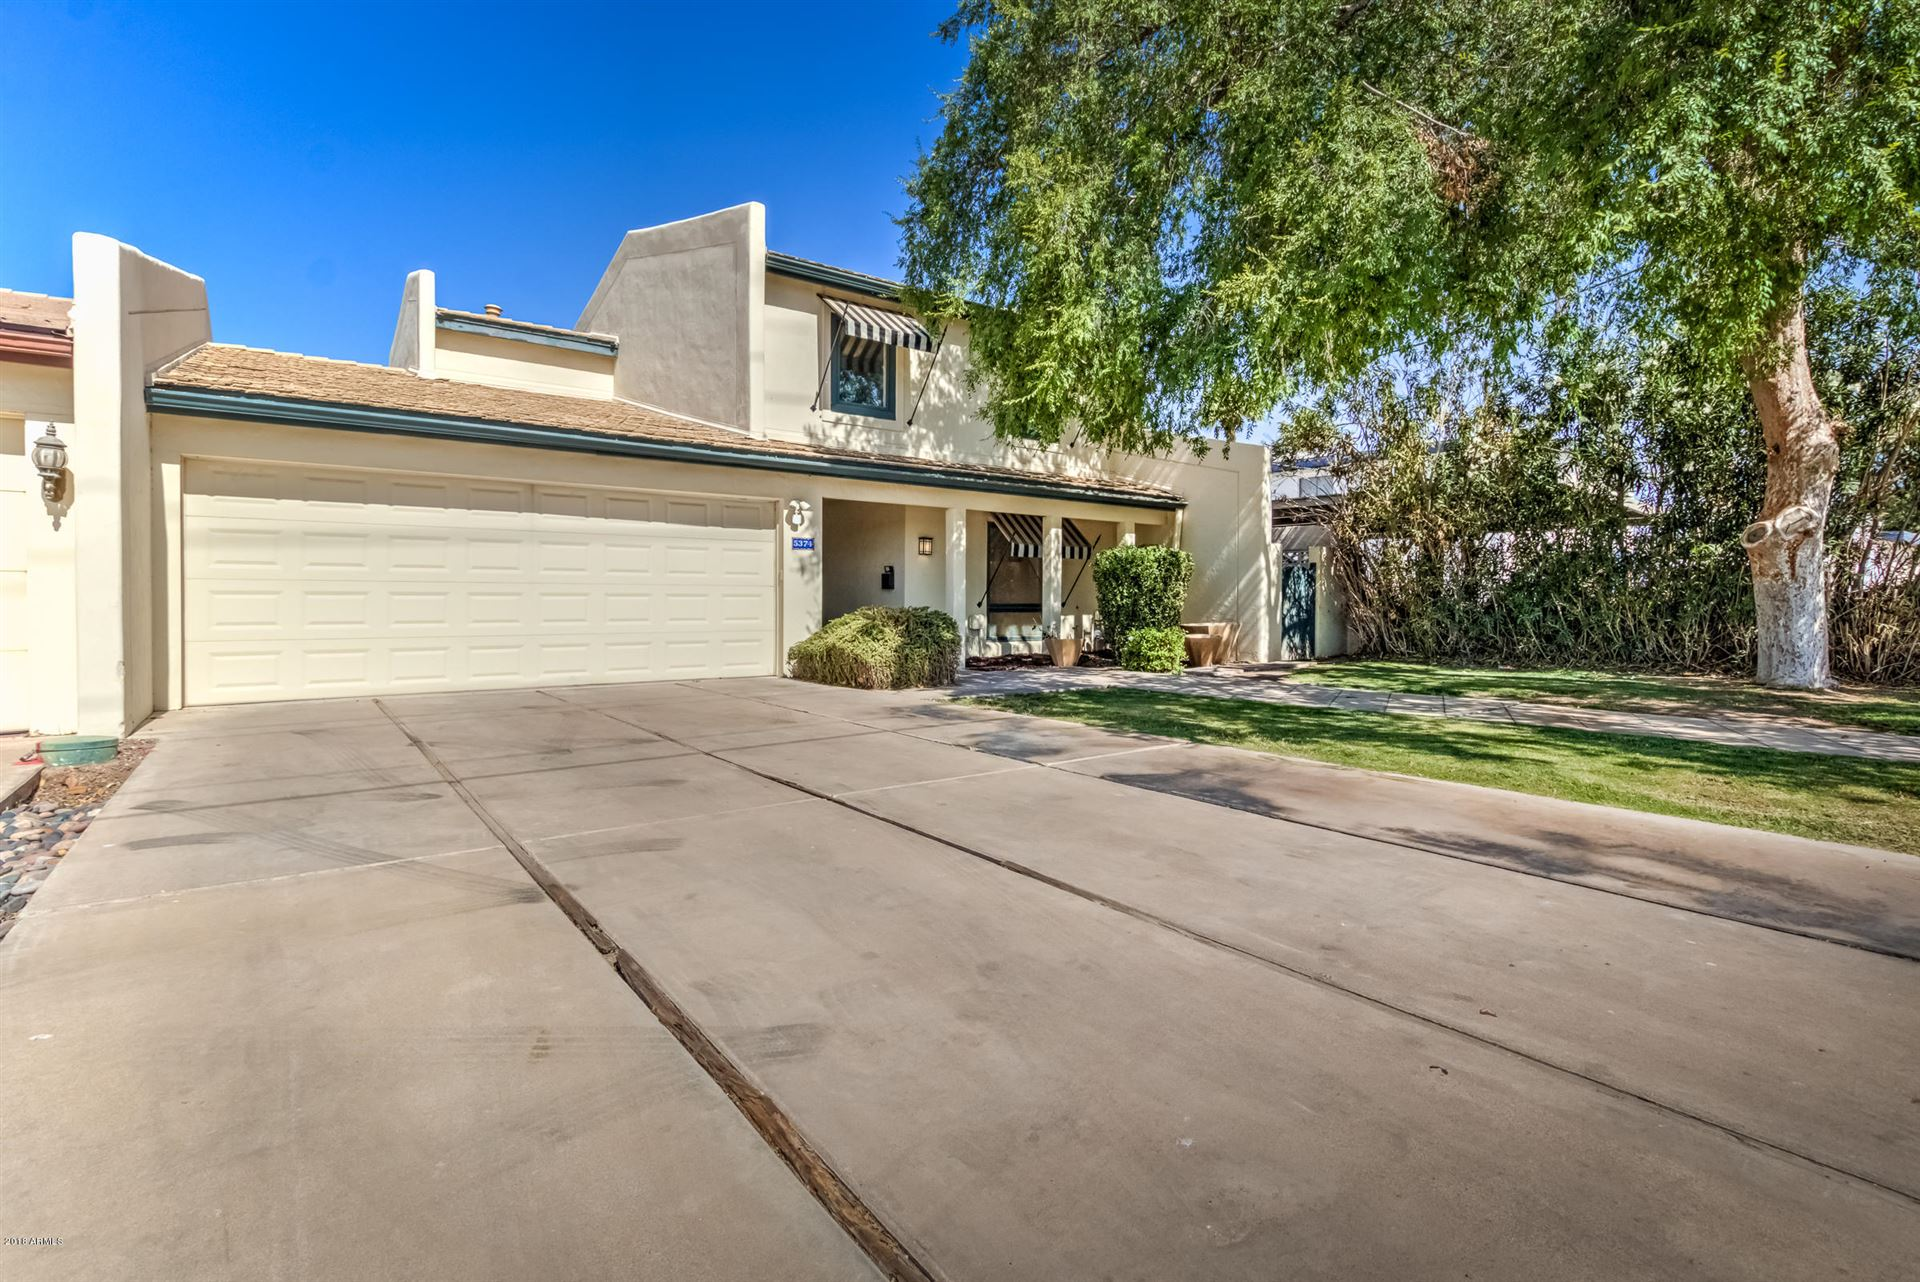 Photo of 5374 N 20TH Street, Phoenix, AZ 85016 (MLS # 6250074)